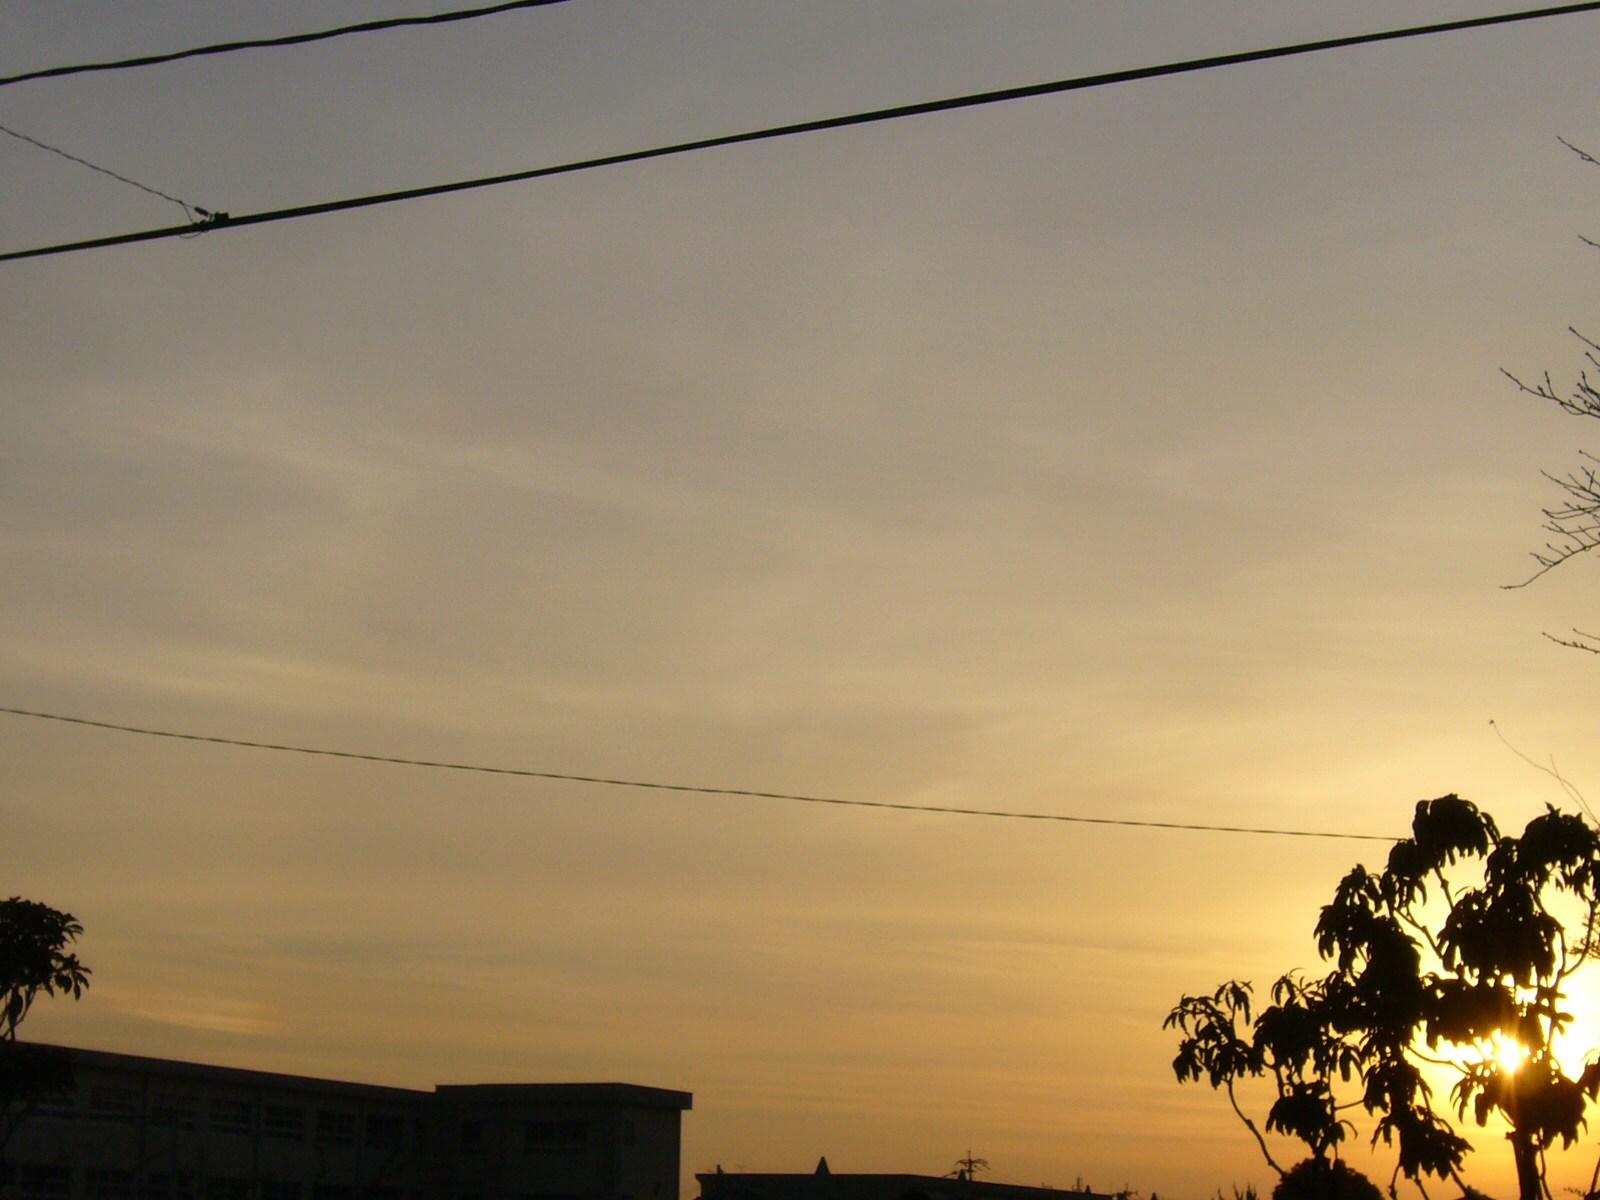 夕日と夕焼けと幻日(左下にあるんですけどね)